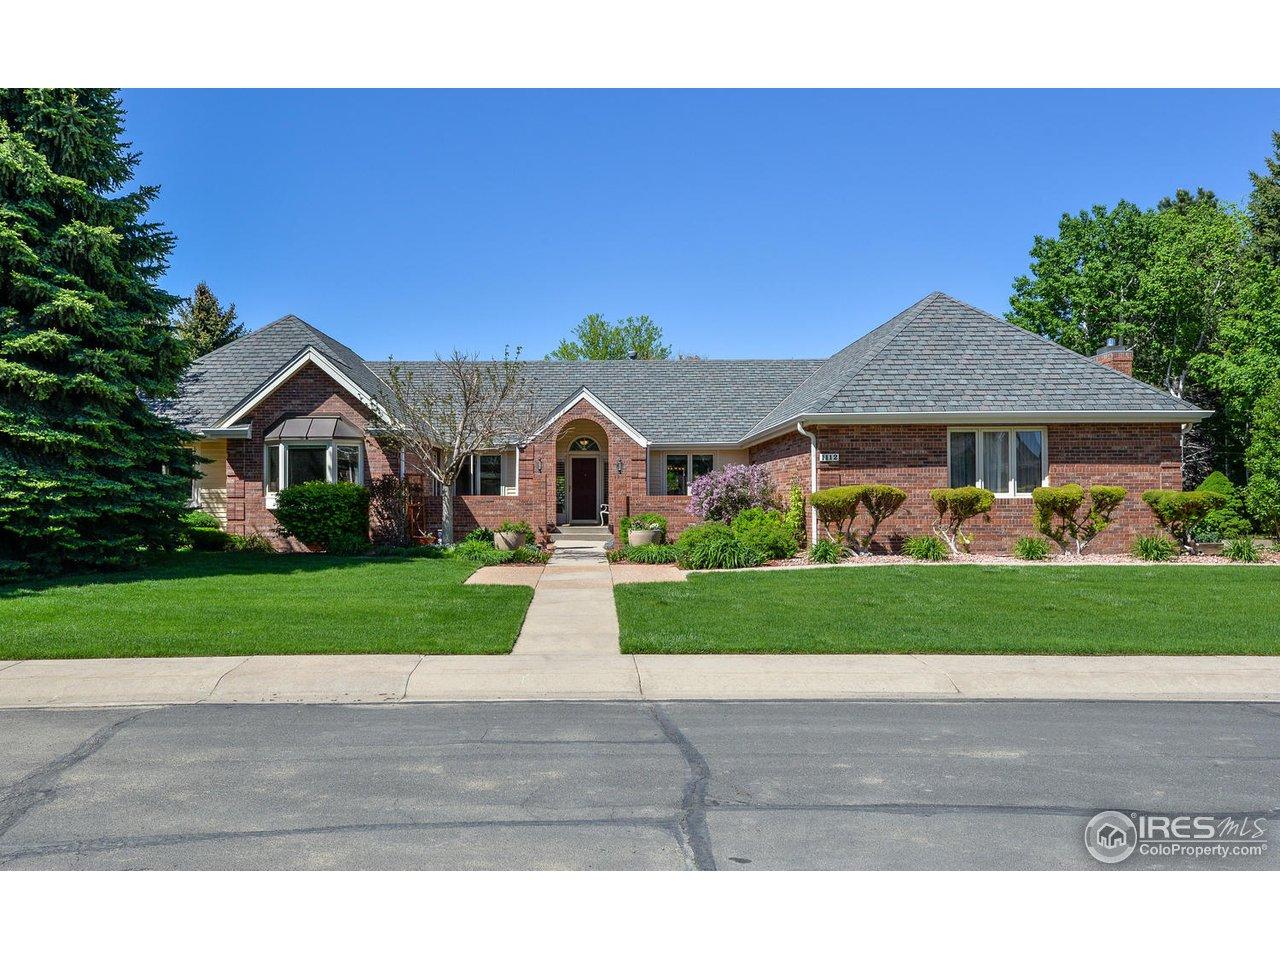 1112 Oak Leaf Ct, Fort Collins CO 80525